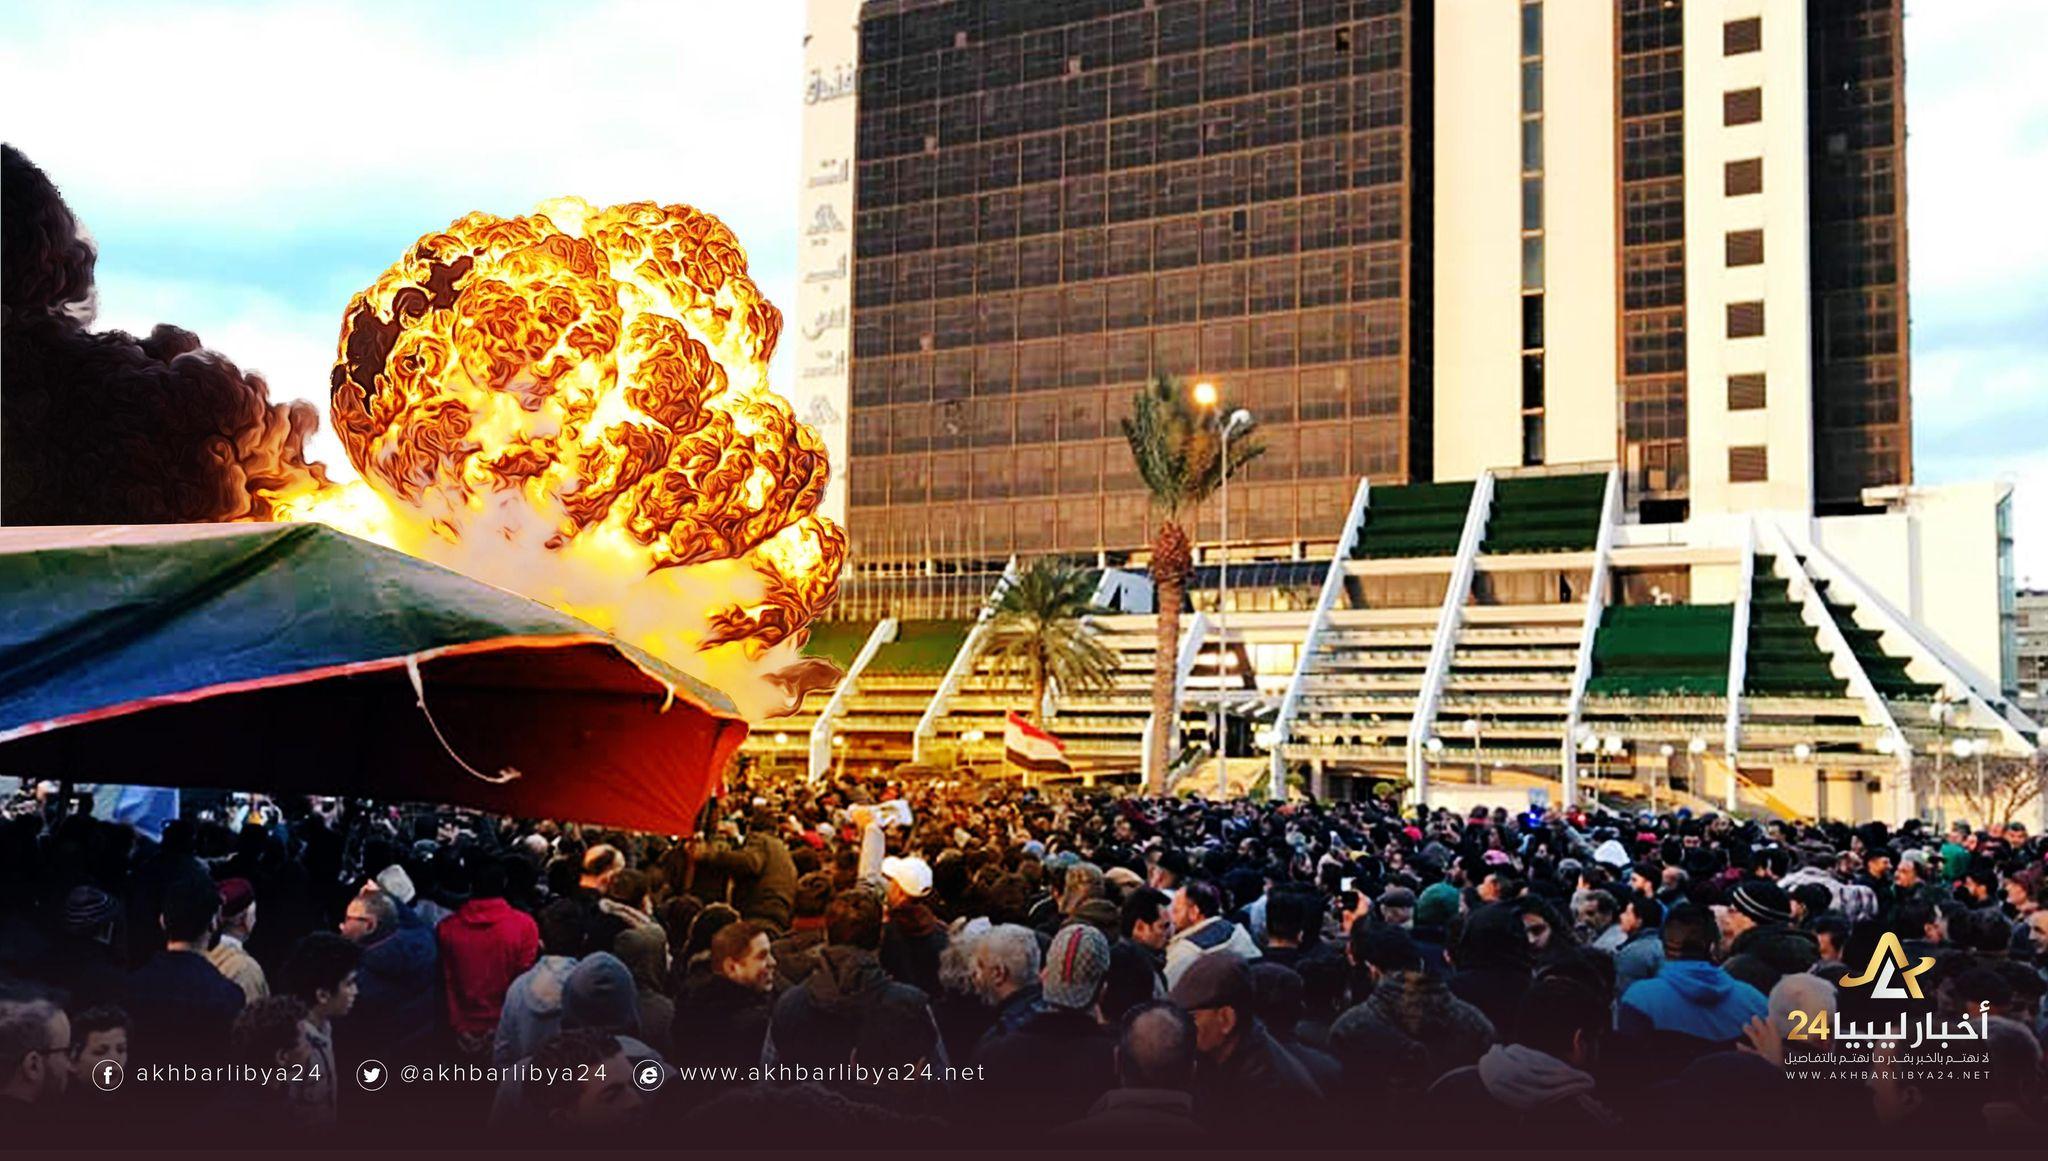 صورة الإرهاب وسلاح المفخخات الموجهة ضد الليبيين في بنغازي